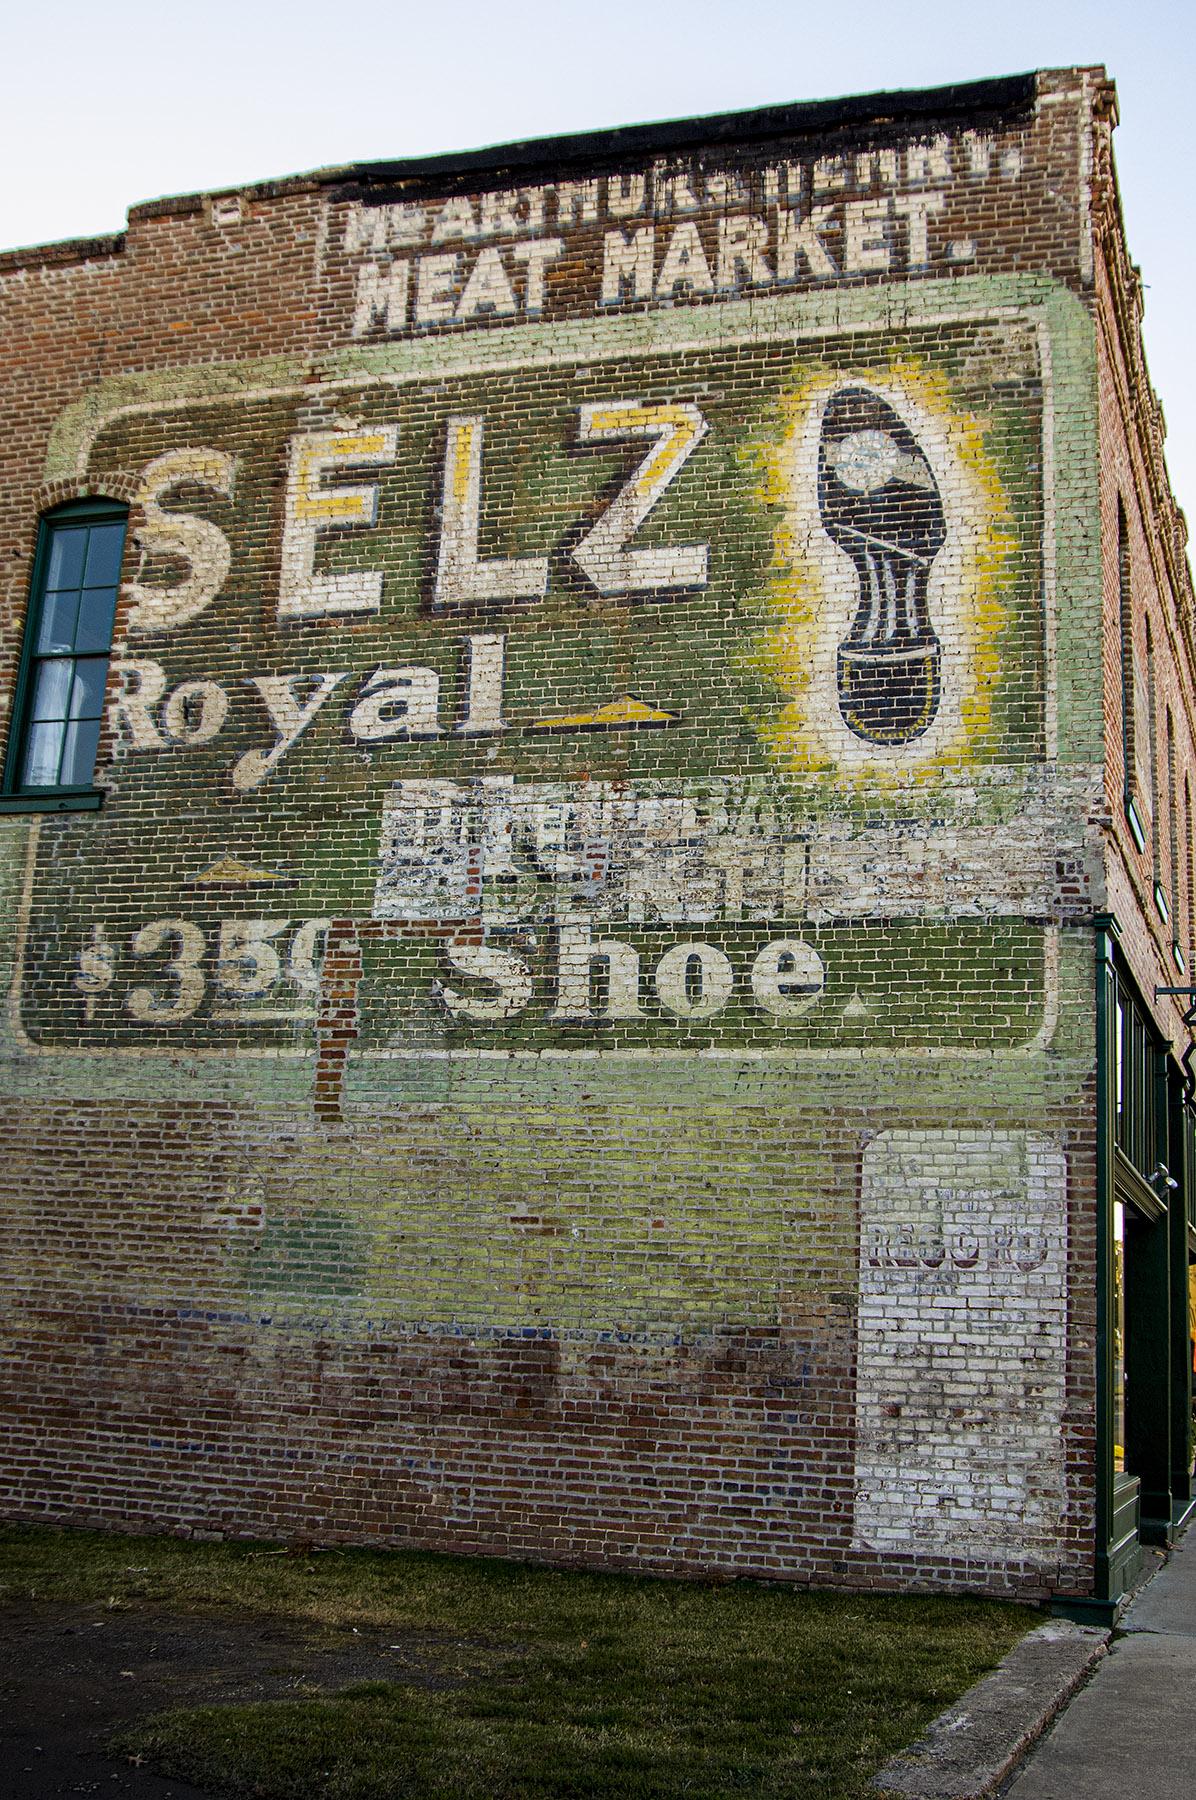 Selz-Royal